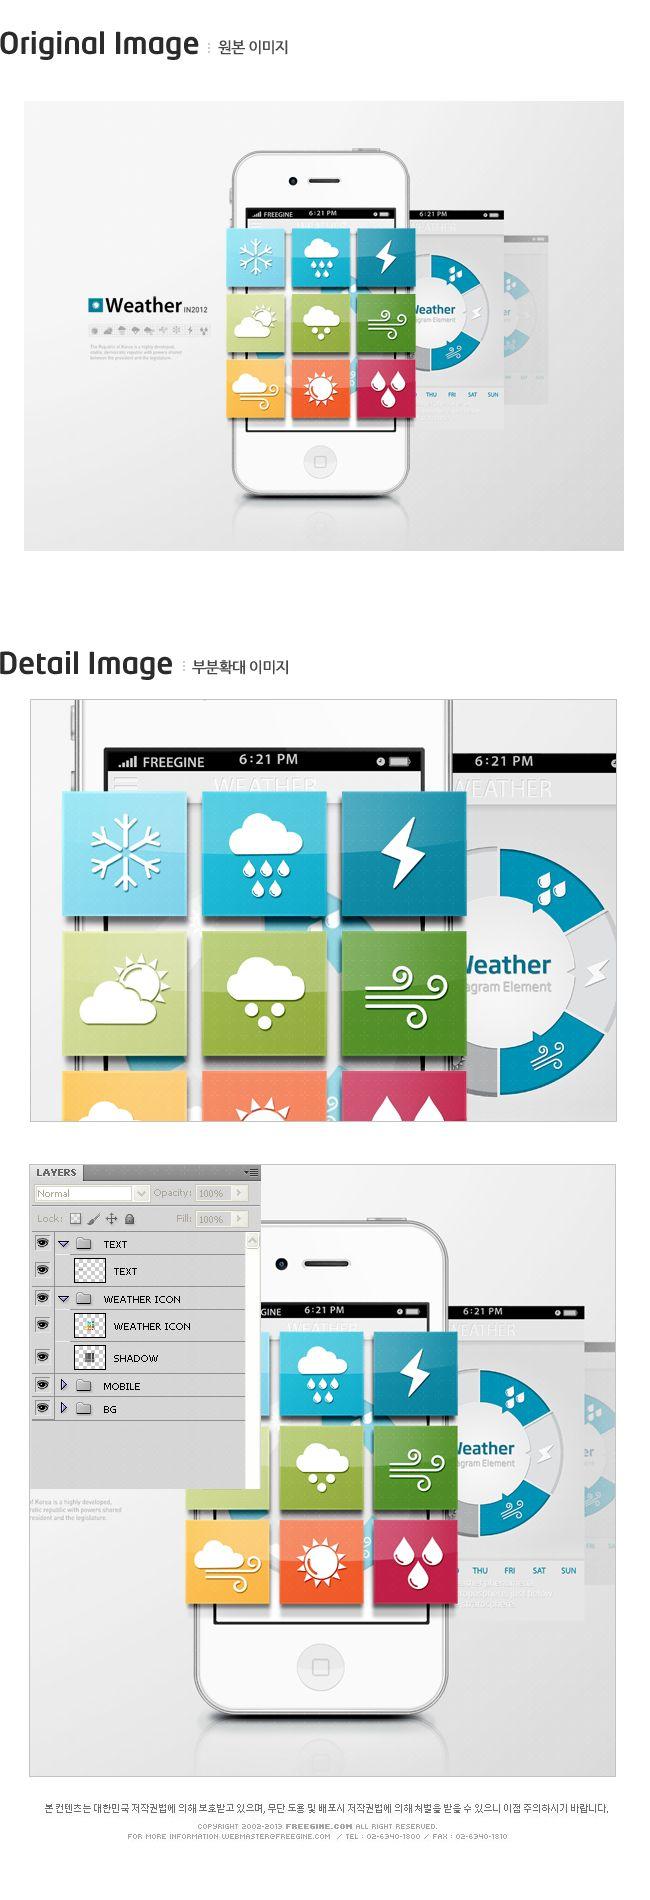 핸드폰, 날씨, 해, 구름, 그래픽, 눈, weather, freegine, 번개, 아이콘, 바람, 비, 모바일, mobile, icon, 퓨전그래픽, 합성사진, 어플, 앱, app, SFUS004, #유토이미지 #프리진 #utoimage #freegine 12778241